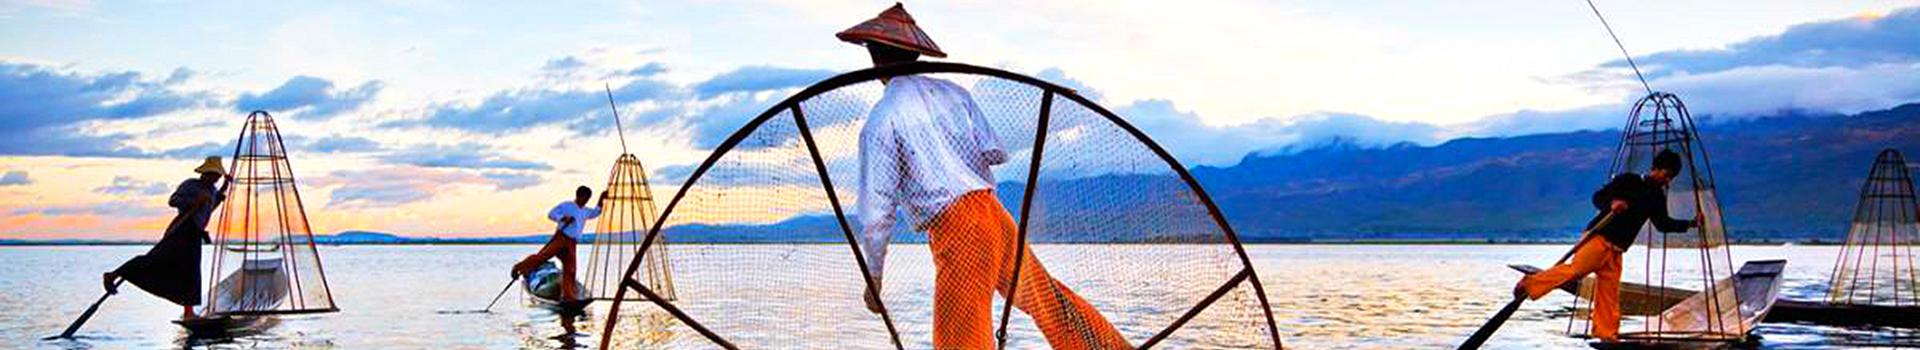 Золото востока: <br> Ханой, Янгон, Баган, г. Попа, озеро Инле, Янгон, Ханой, Ниньбинь, Халонг, Ханой